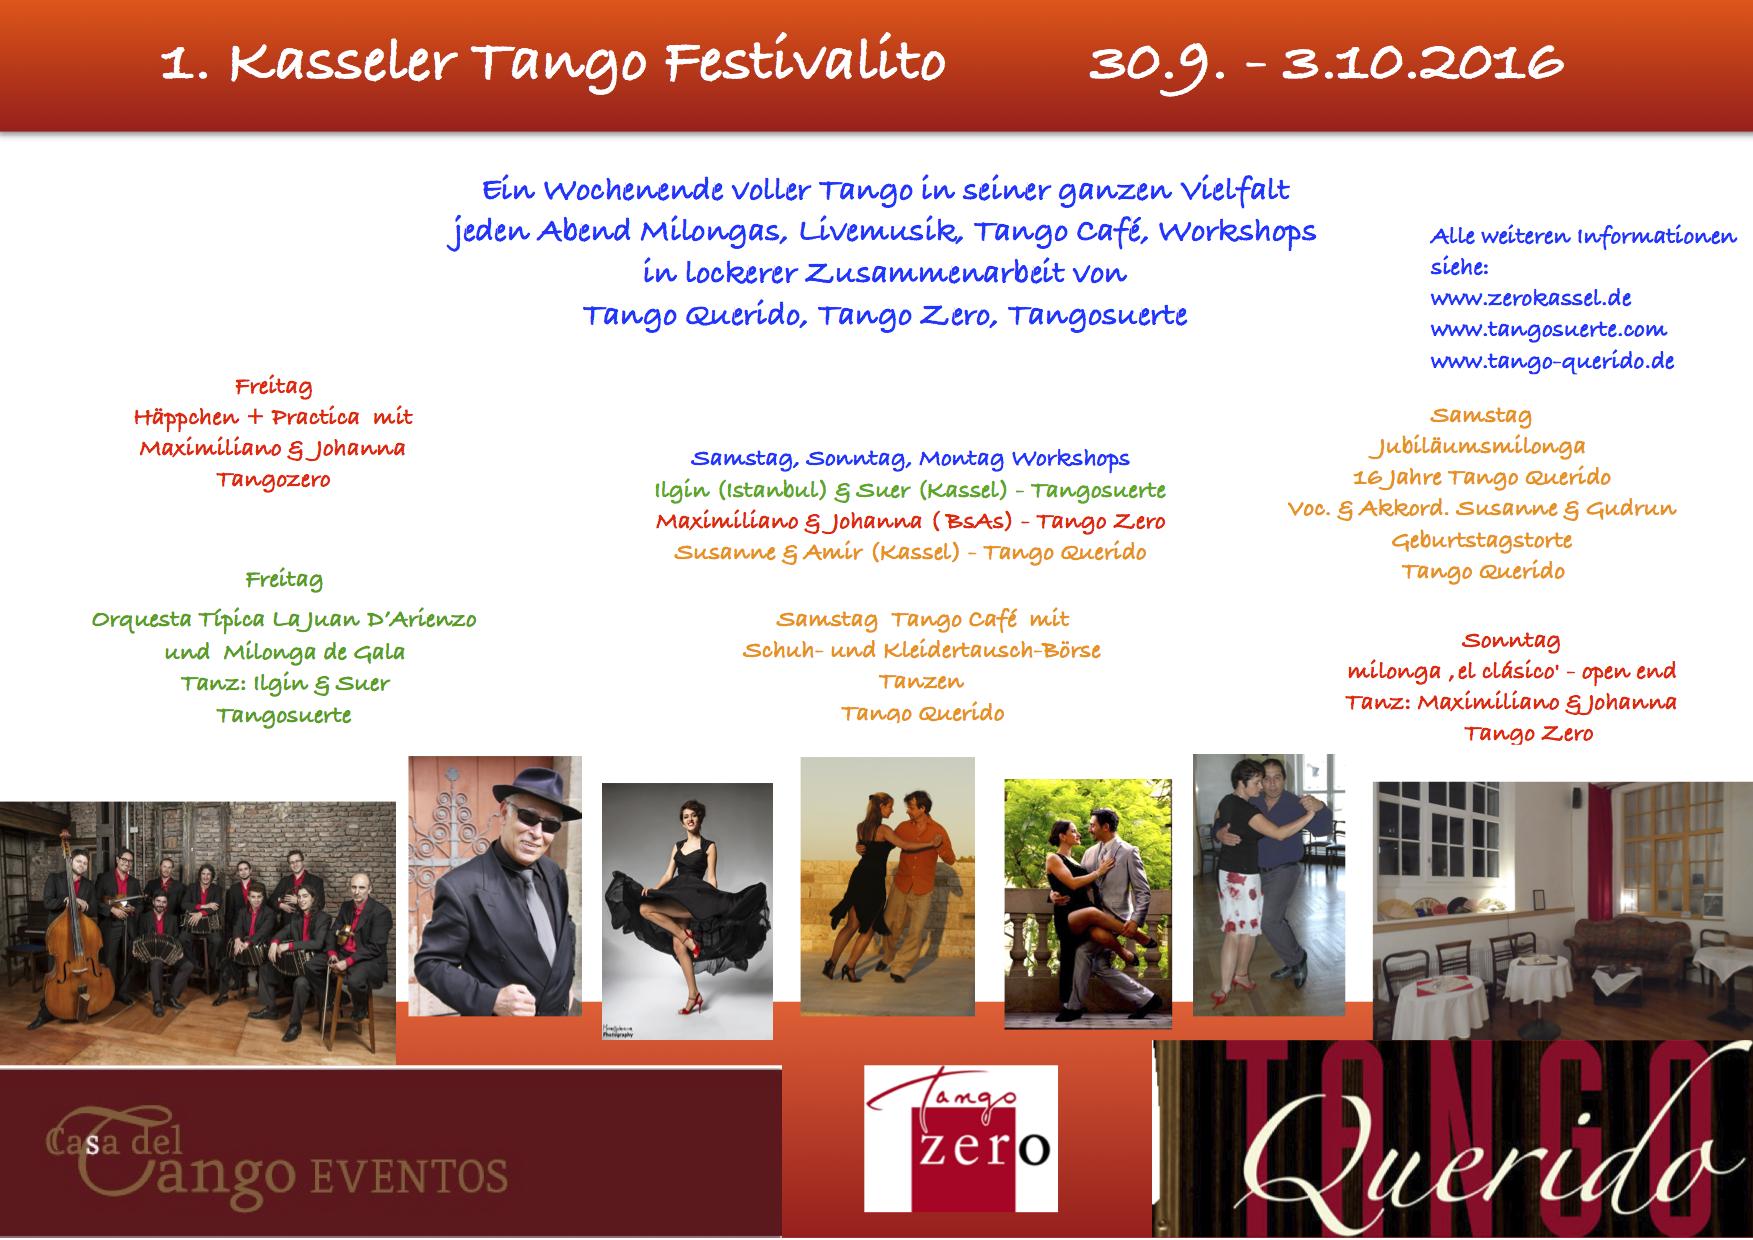 plakat-1-kasseler-tango-festivalito